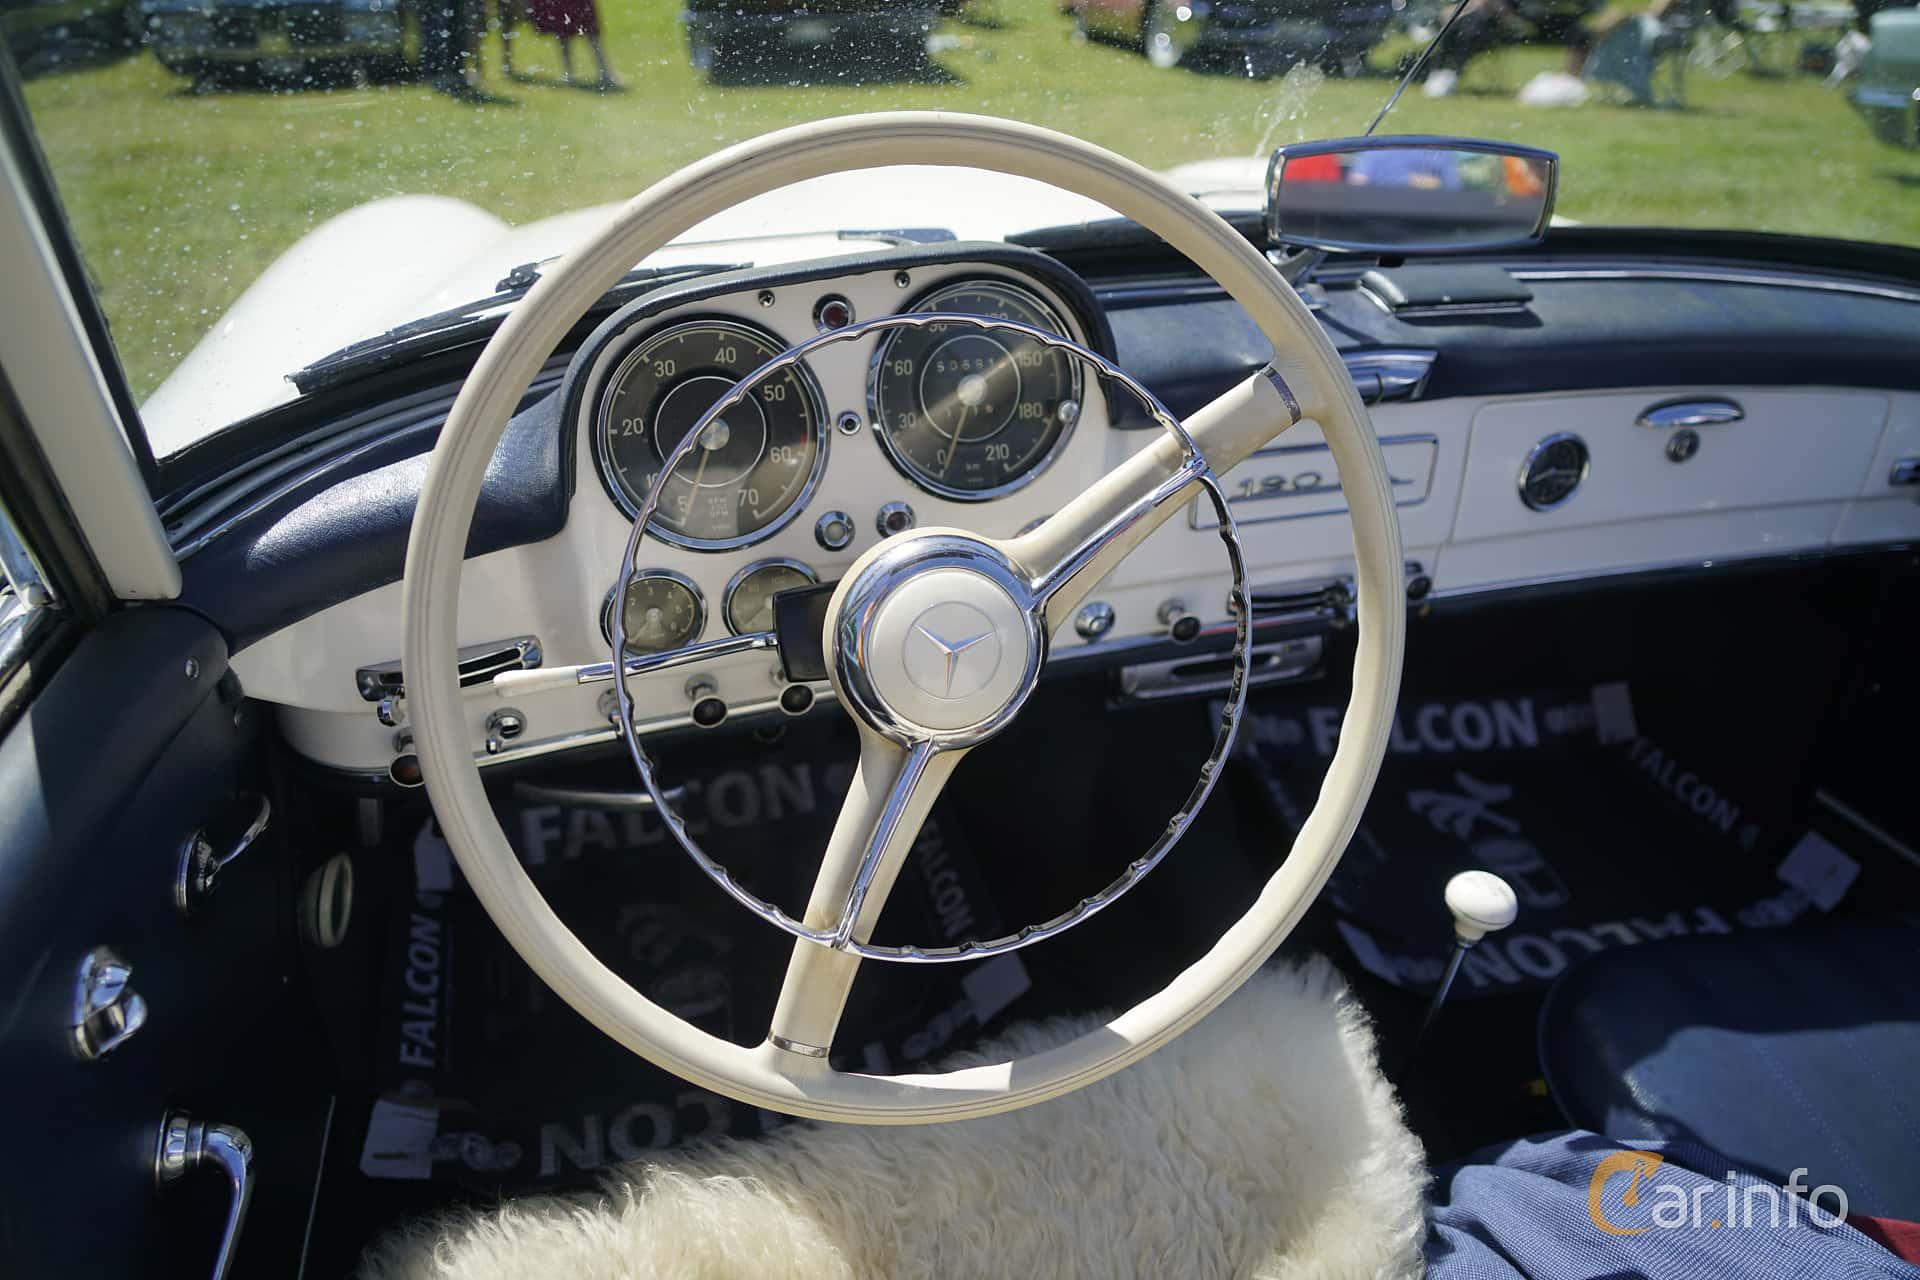 Mercedes-Benz 190 SL Roadster  Manual, 105hp, 1958 at Hässleholm Power Start of Summer Meet 2017